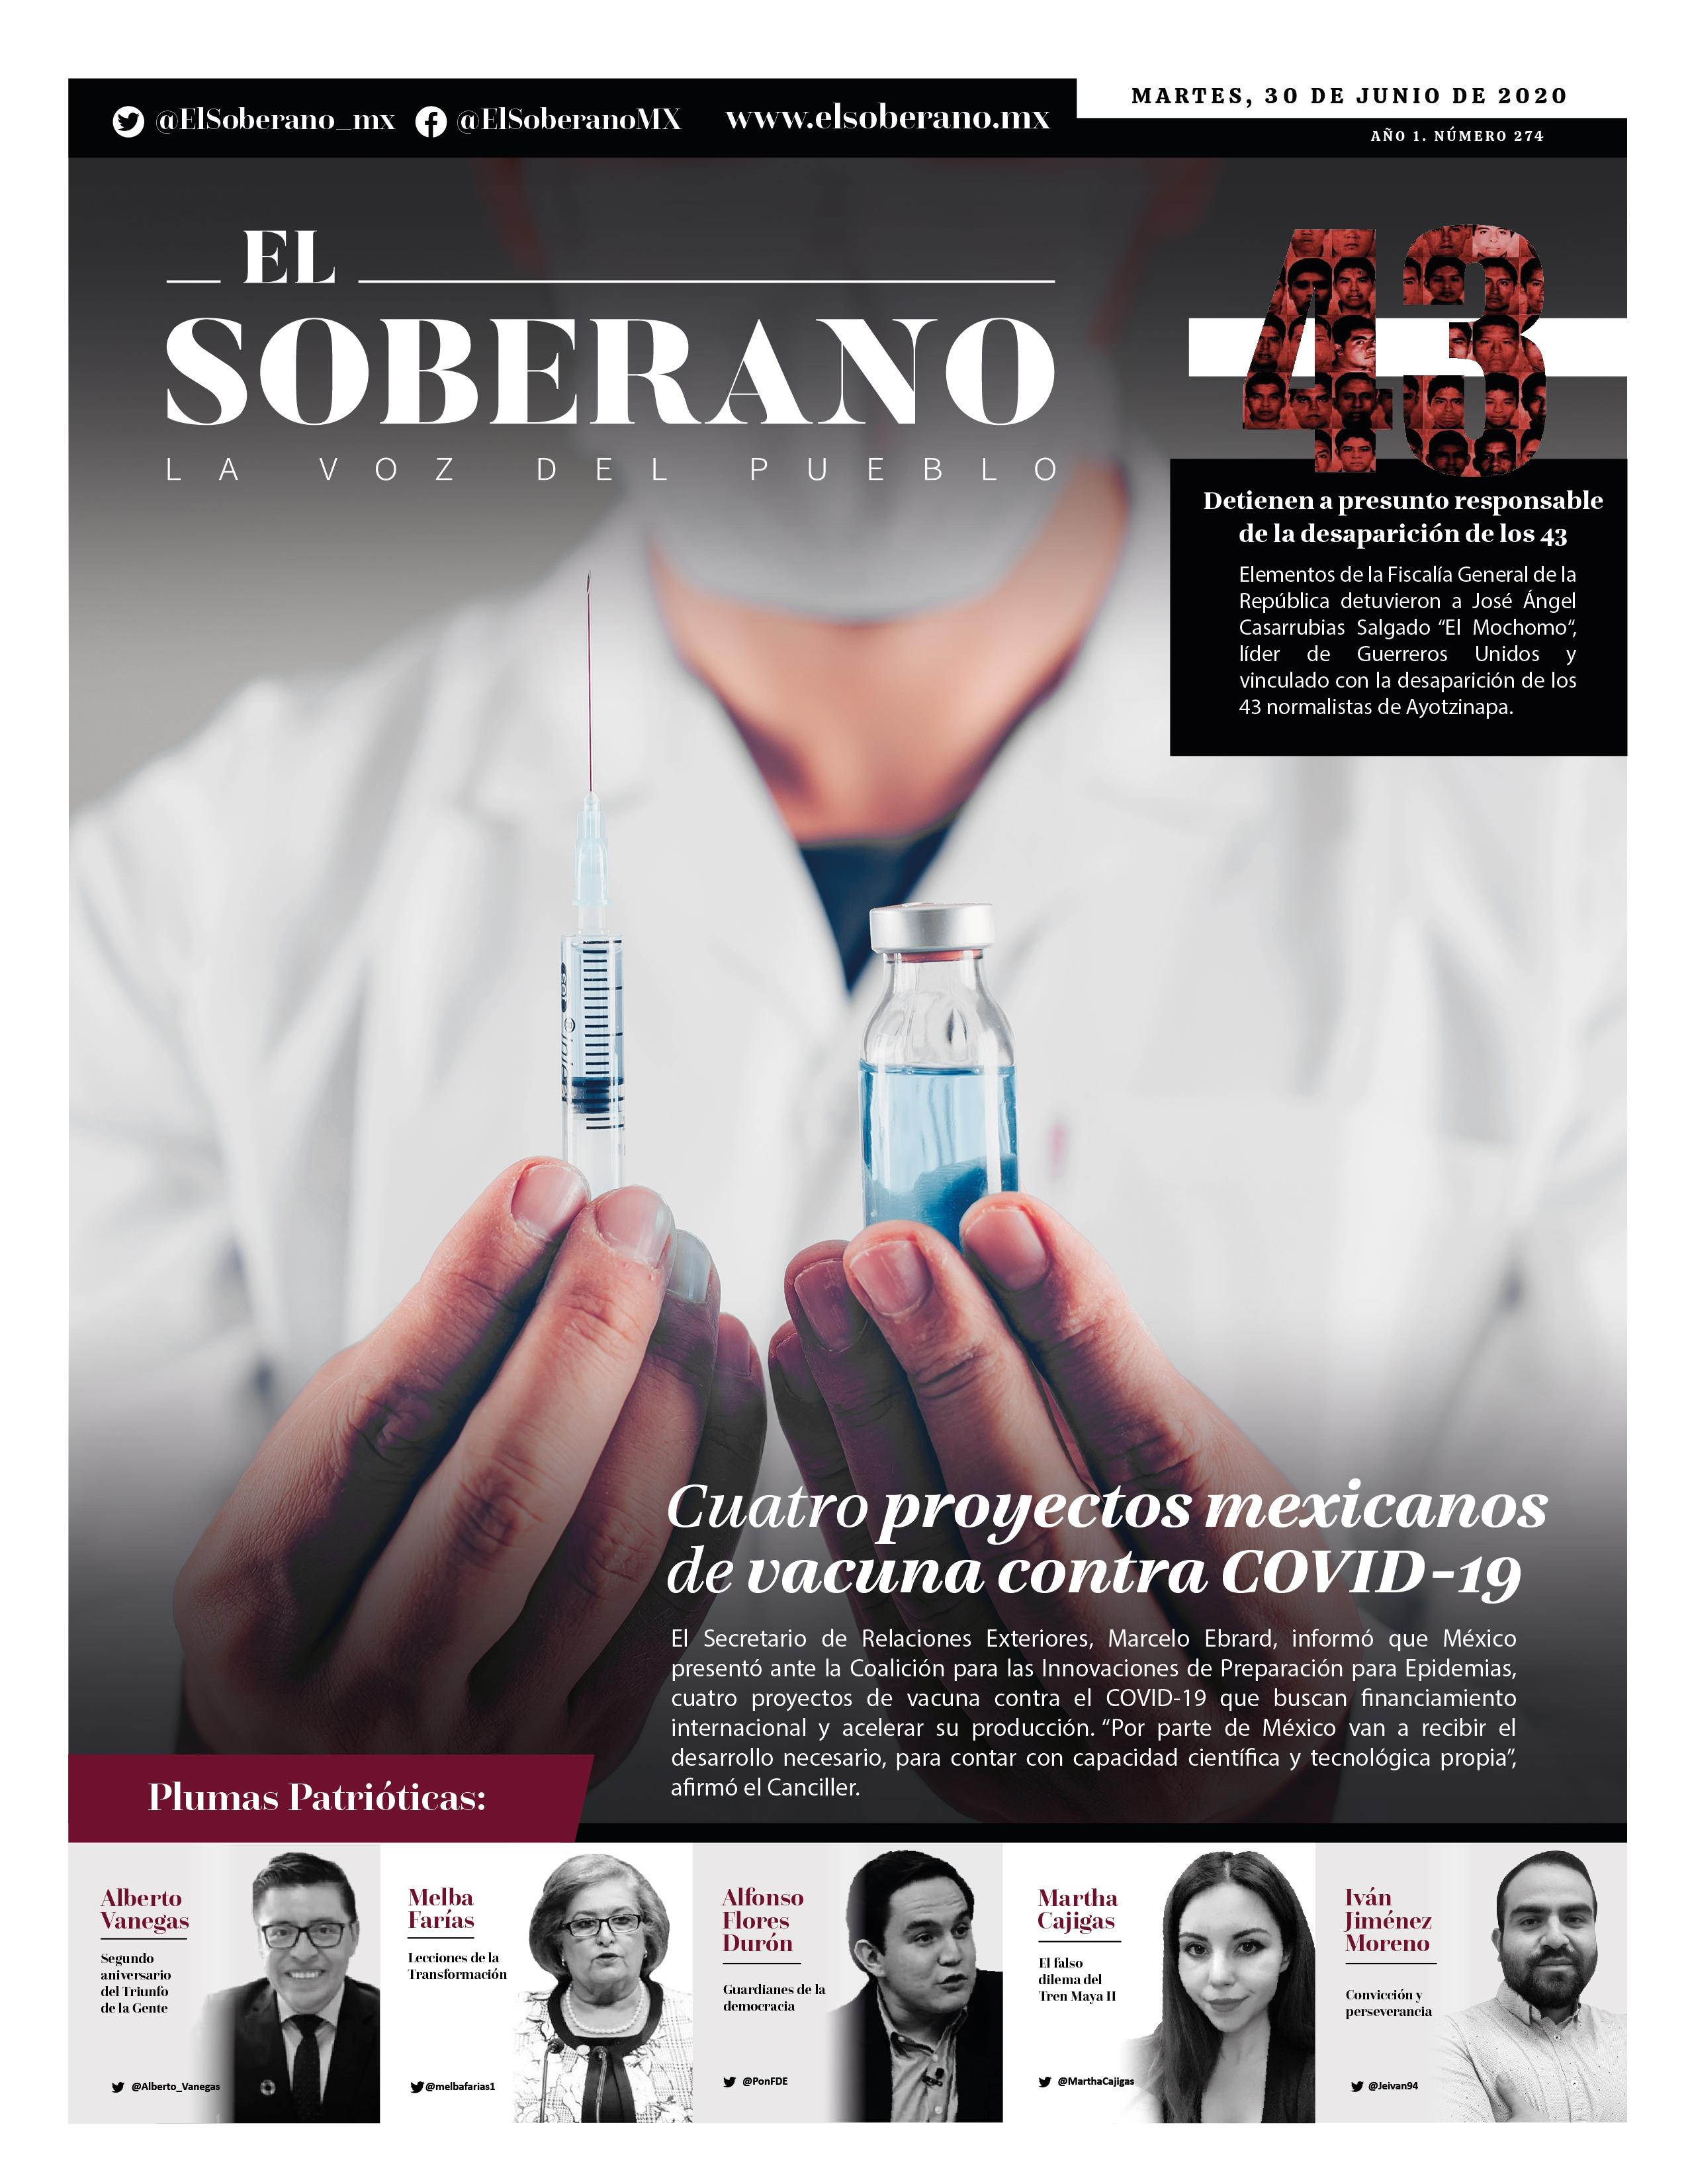 Cuatro proyectos mexicanos de vacuna contra COVID-19